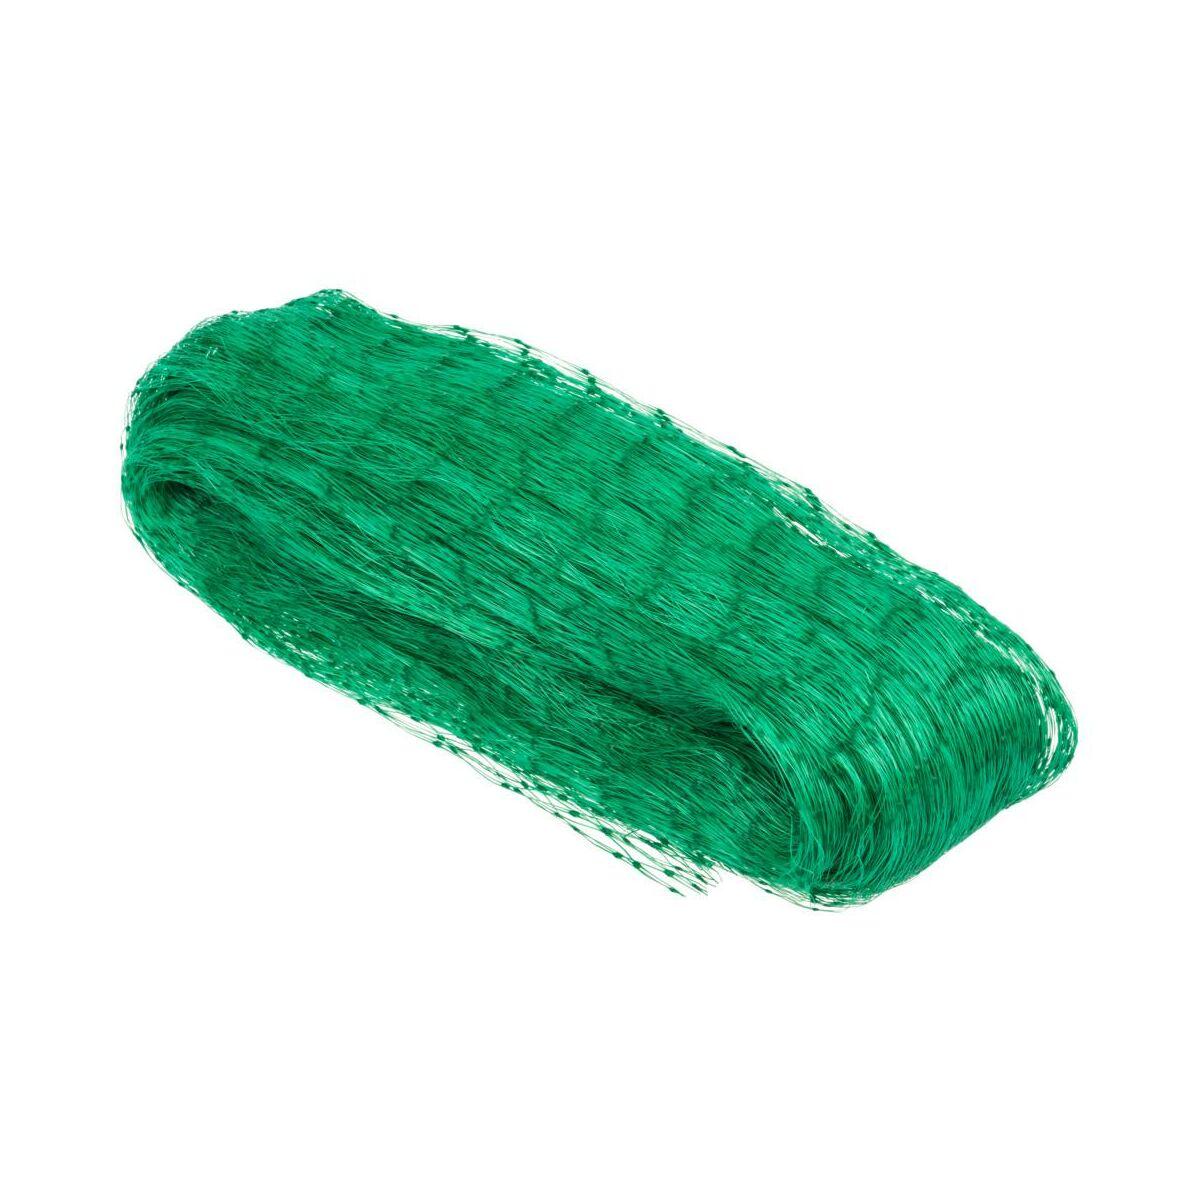 Siatka Ochronna Na Ptaki 5 X 5 M Zielona Siatki Ochronne W Atrakcyjnej Cenie W Sklepach Leroy Merlin